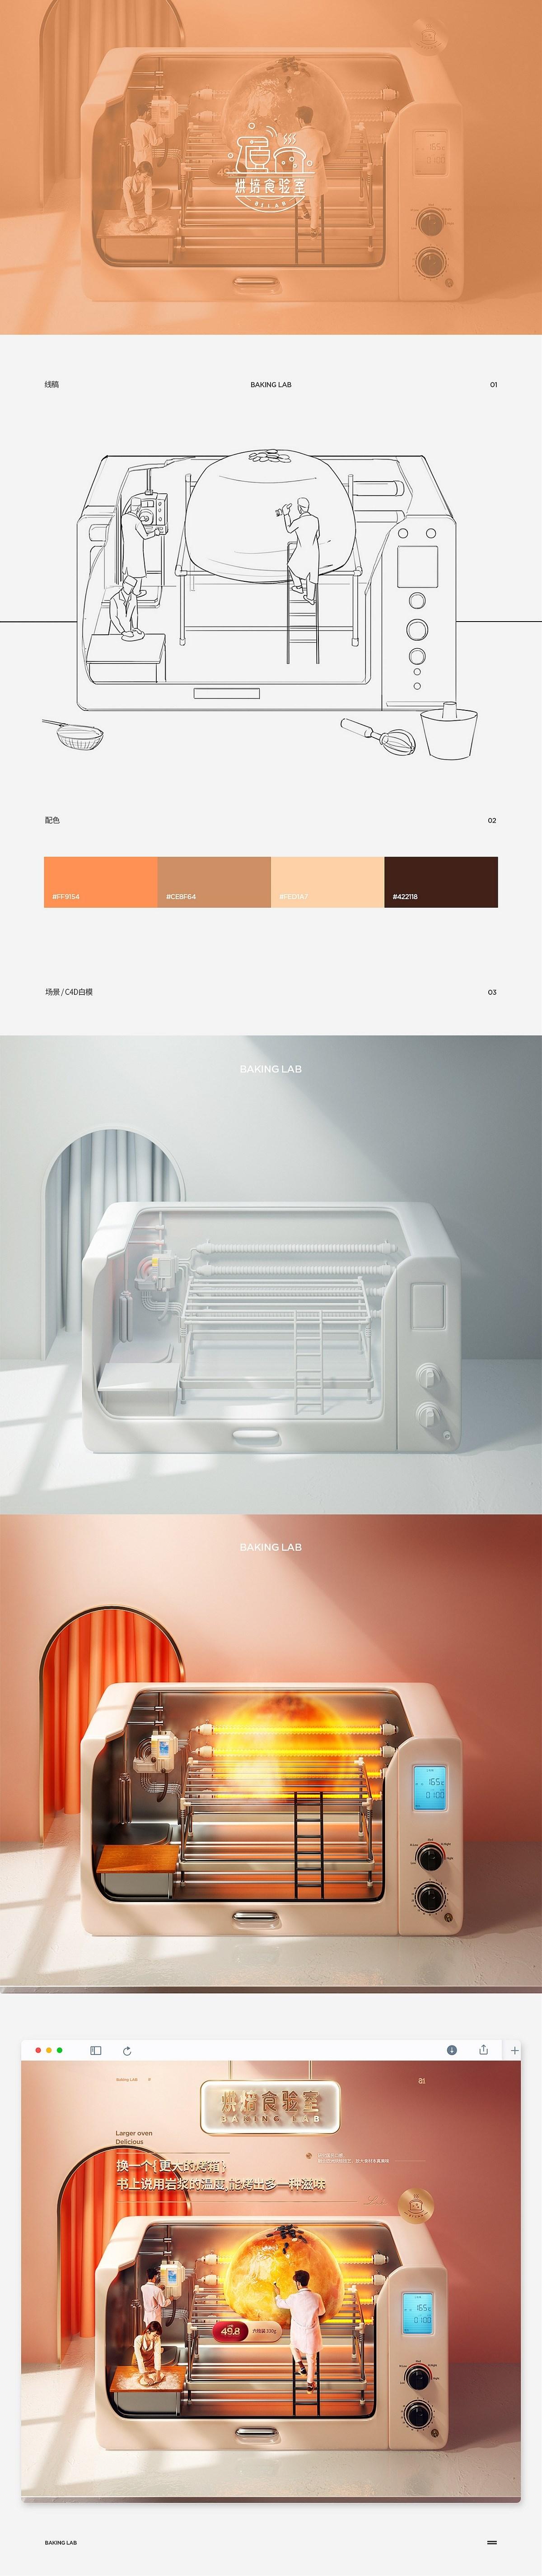 a1零食品牌新视觉作品分享【汤臣杰逊】